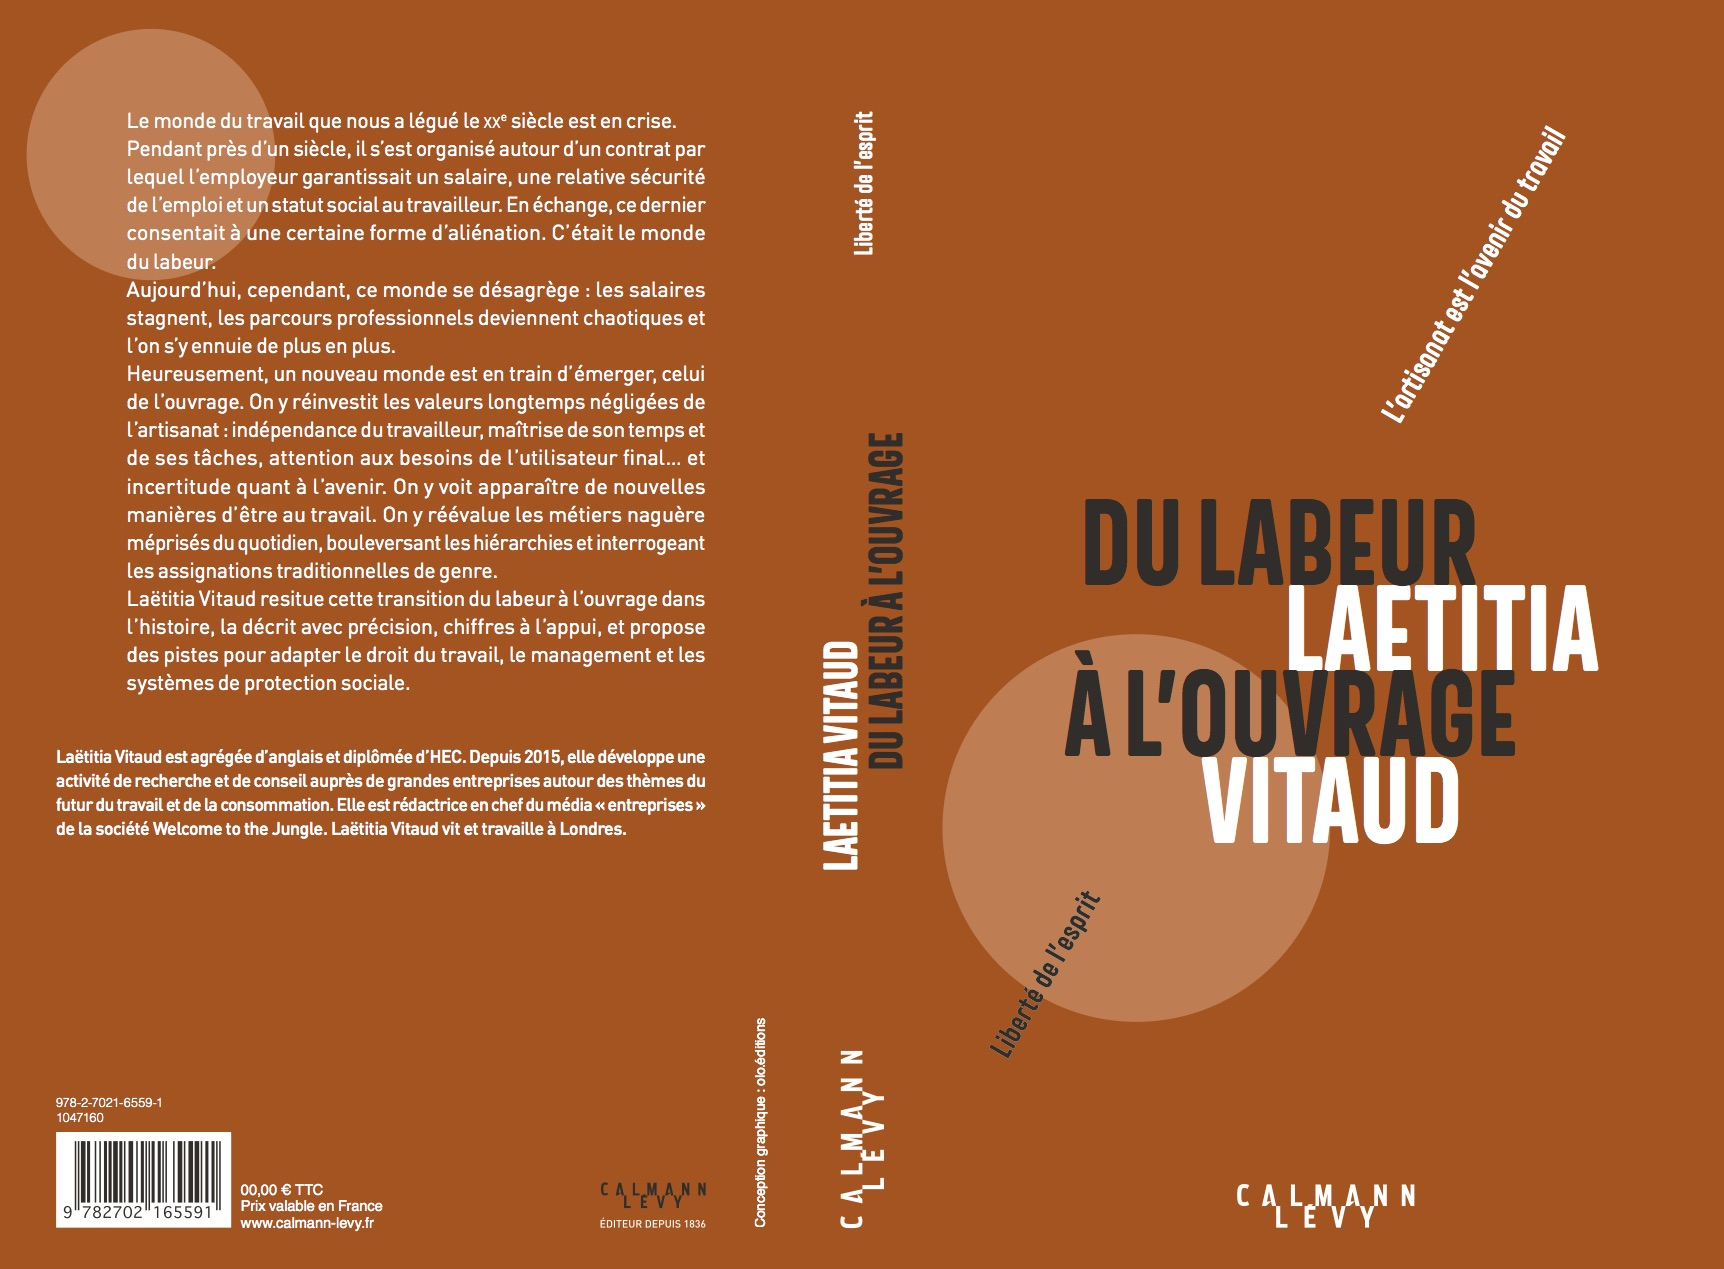 LAETITIA VITAUD_DU LABEUR A L'OUVRAGE_COUV_V7.jpg